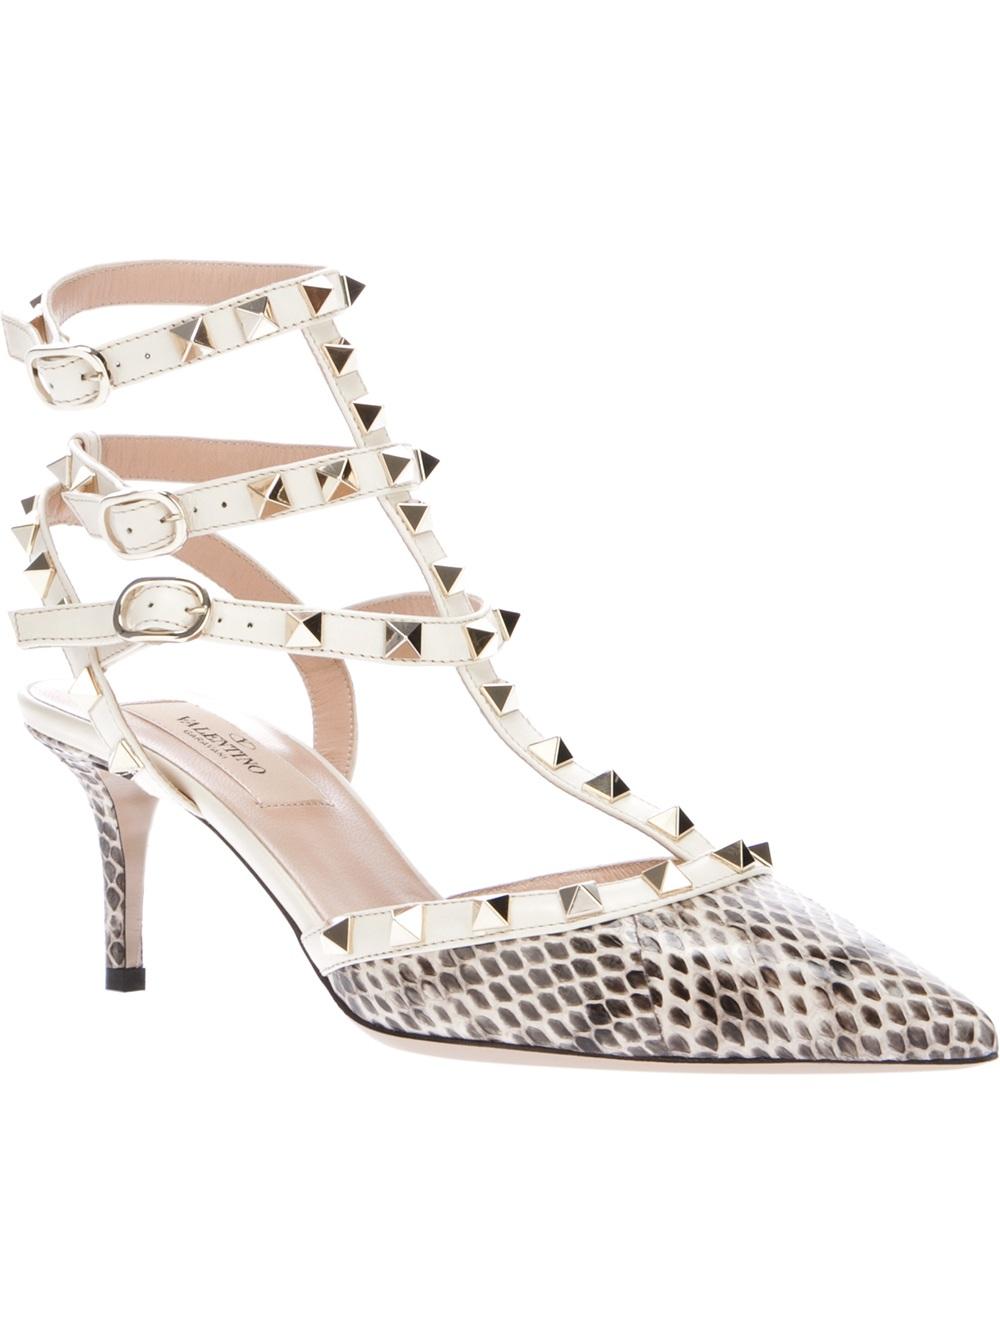 Valentino Python Heels RtFaWy